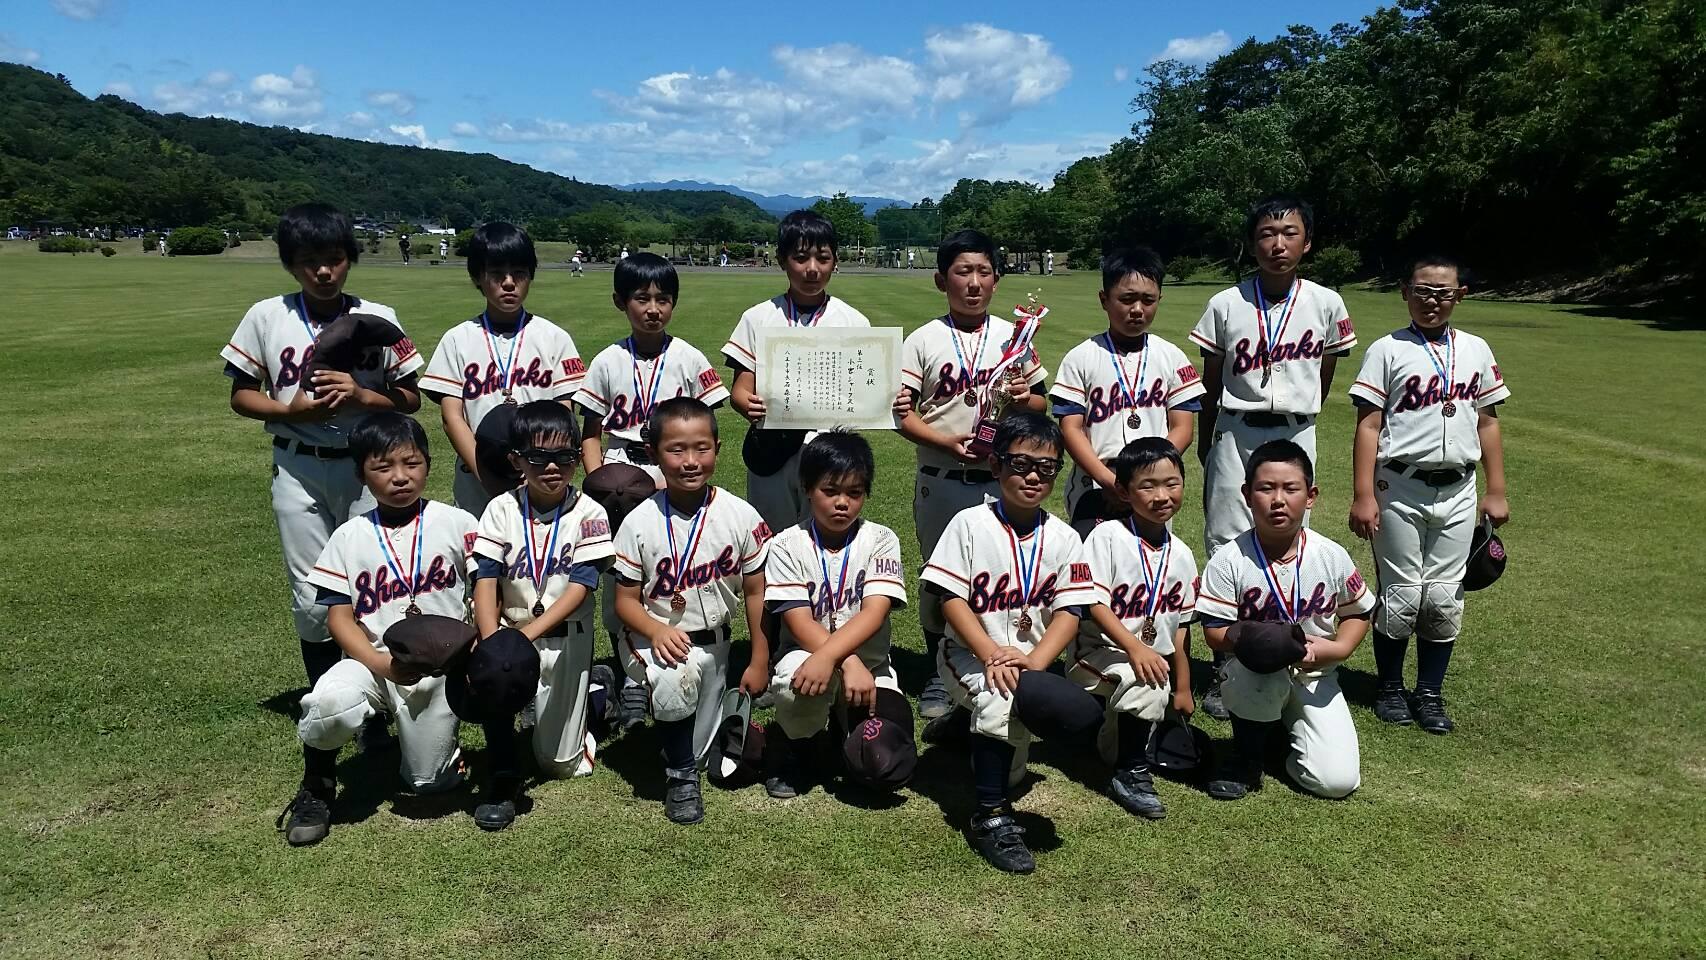 第26回 八王子市長杯争奪少年野球大会 準優勝・小宮シャークス 2019年6月16日